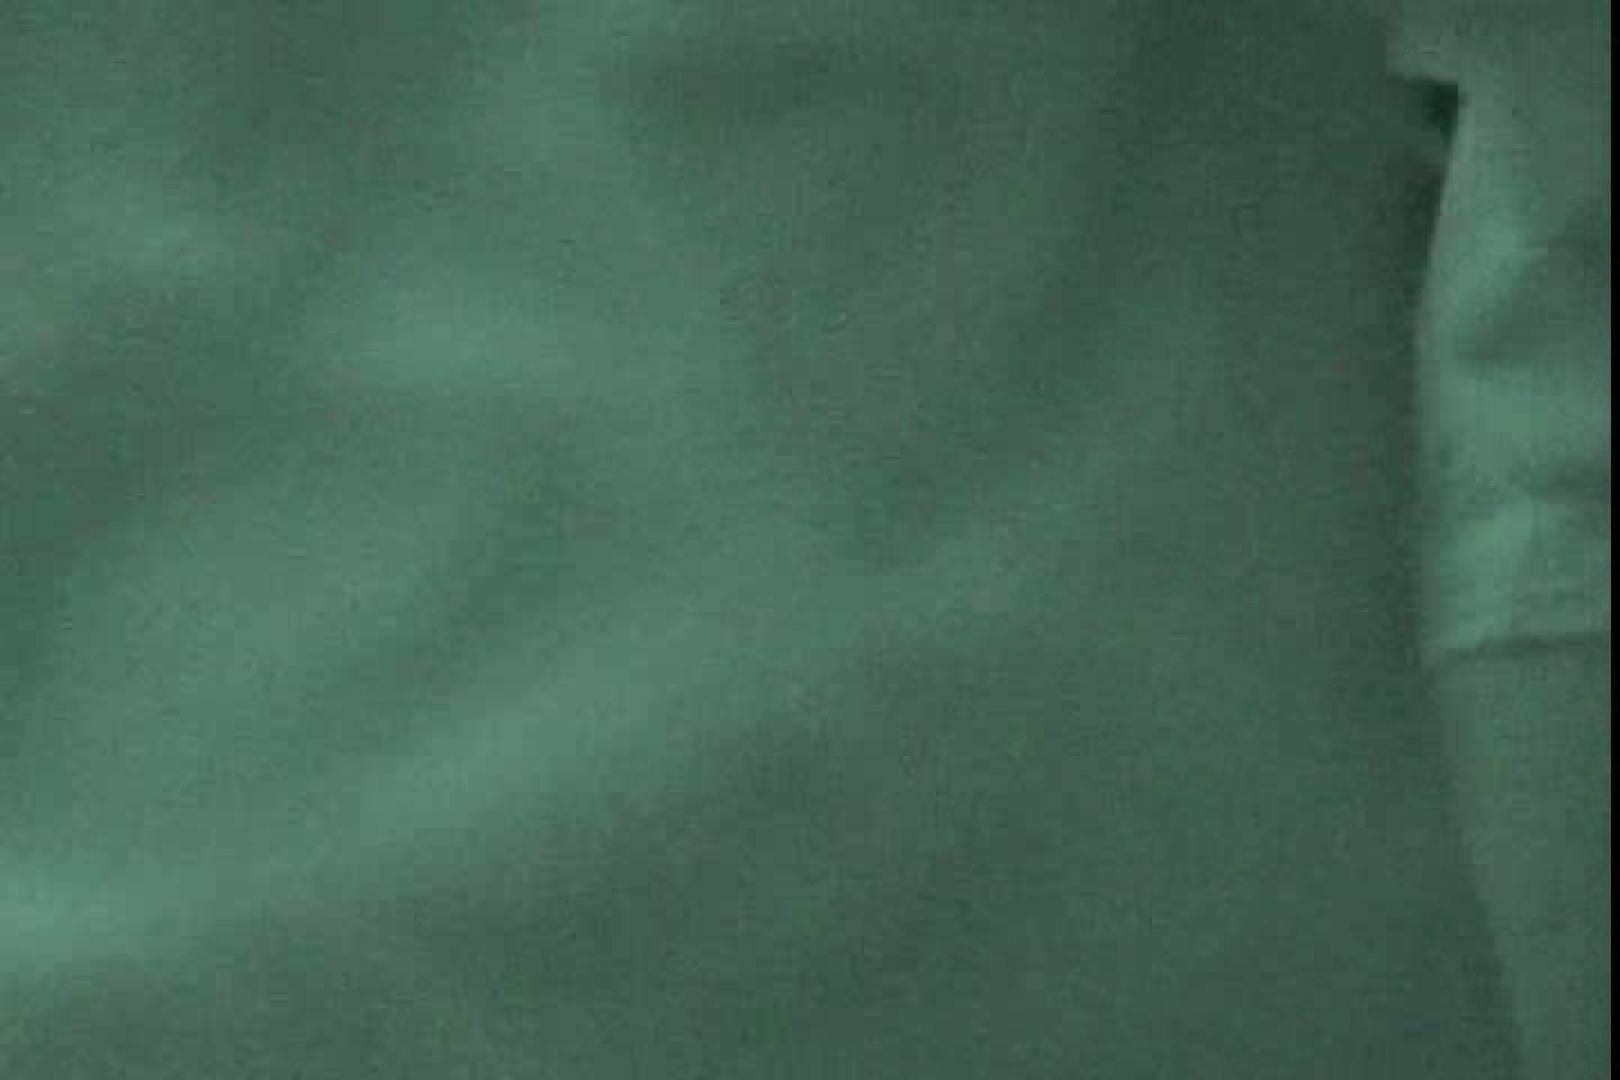 赤外線ムレスケバレー(汗) vol.02 赤外線  103PIX 48